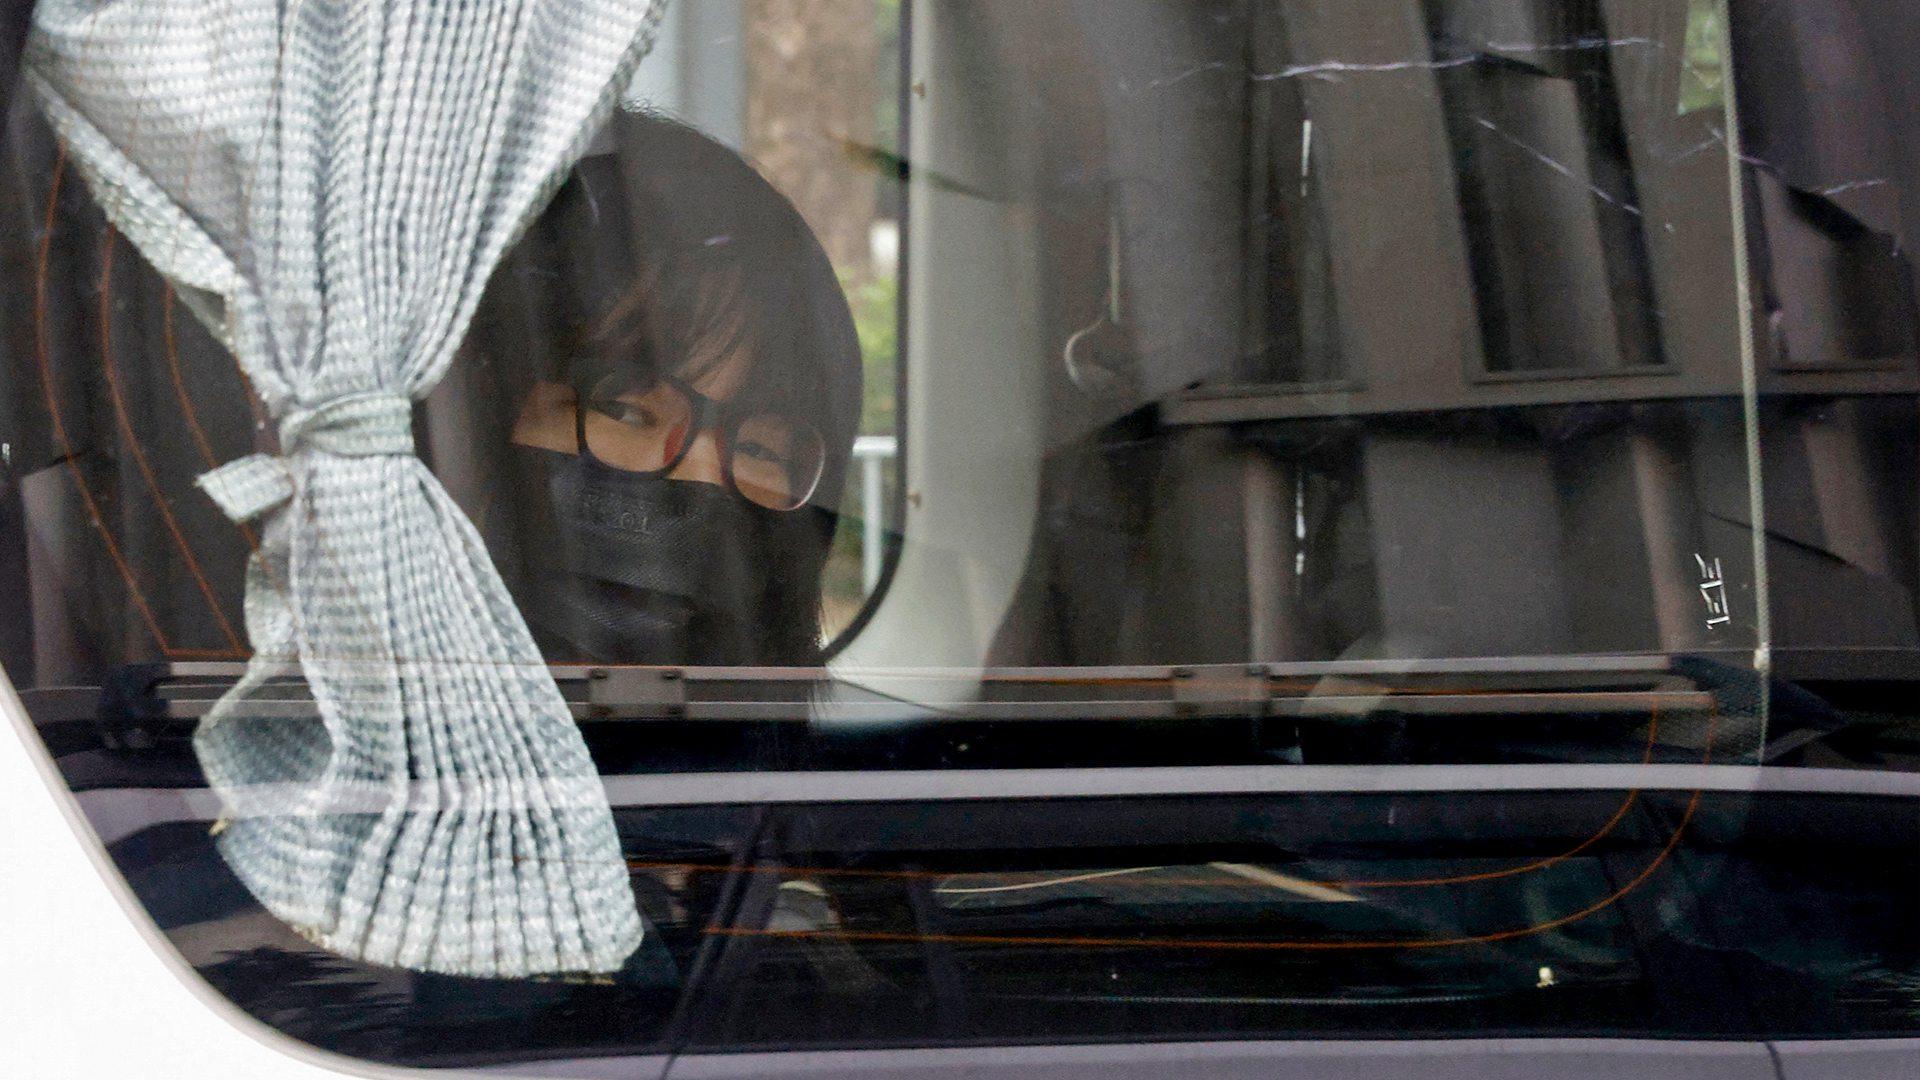 鄒幸彤被捕:香港警方指支聯會為「外國代理人」並拘多名高層